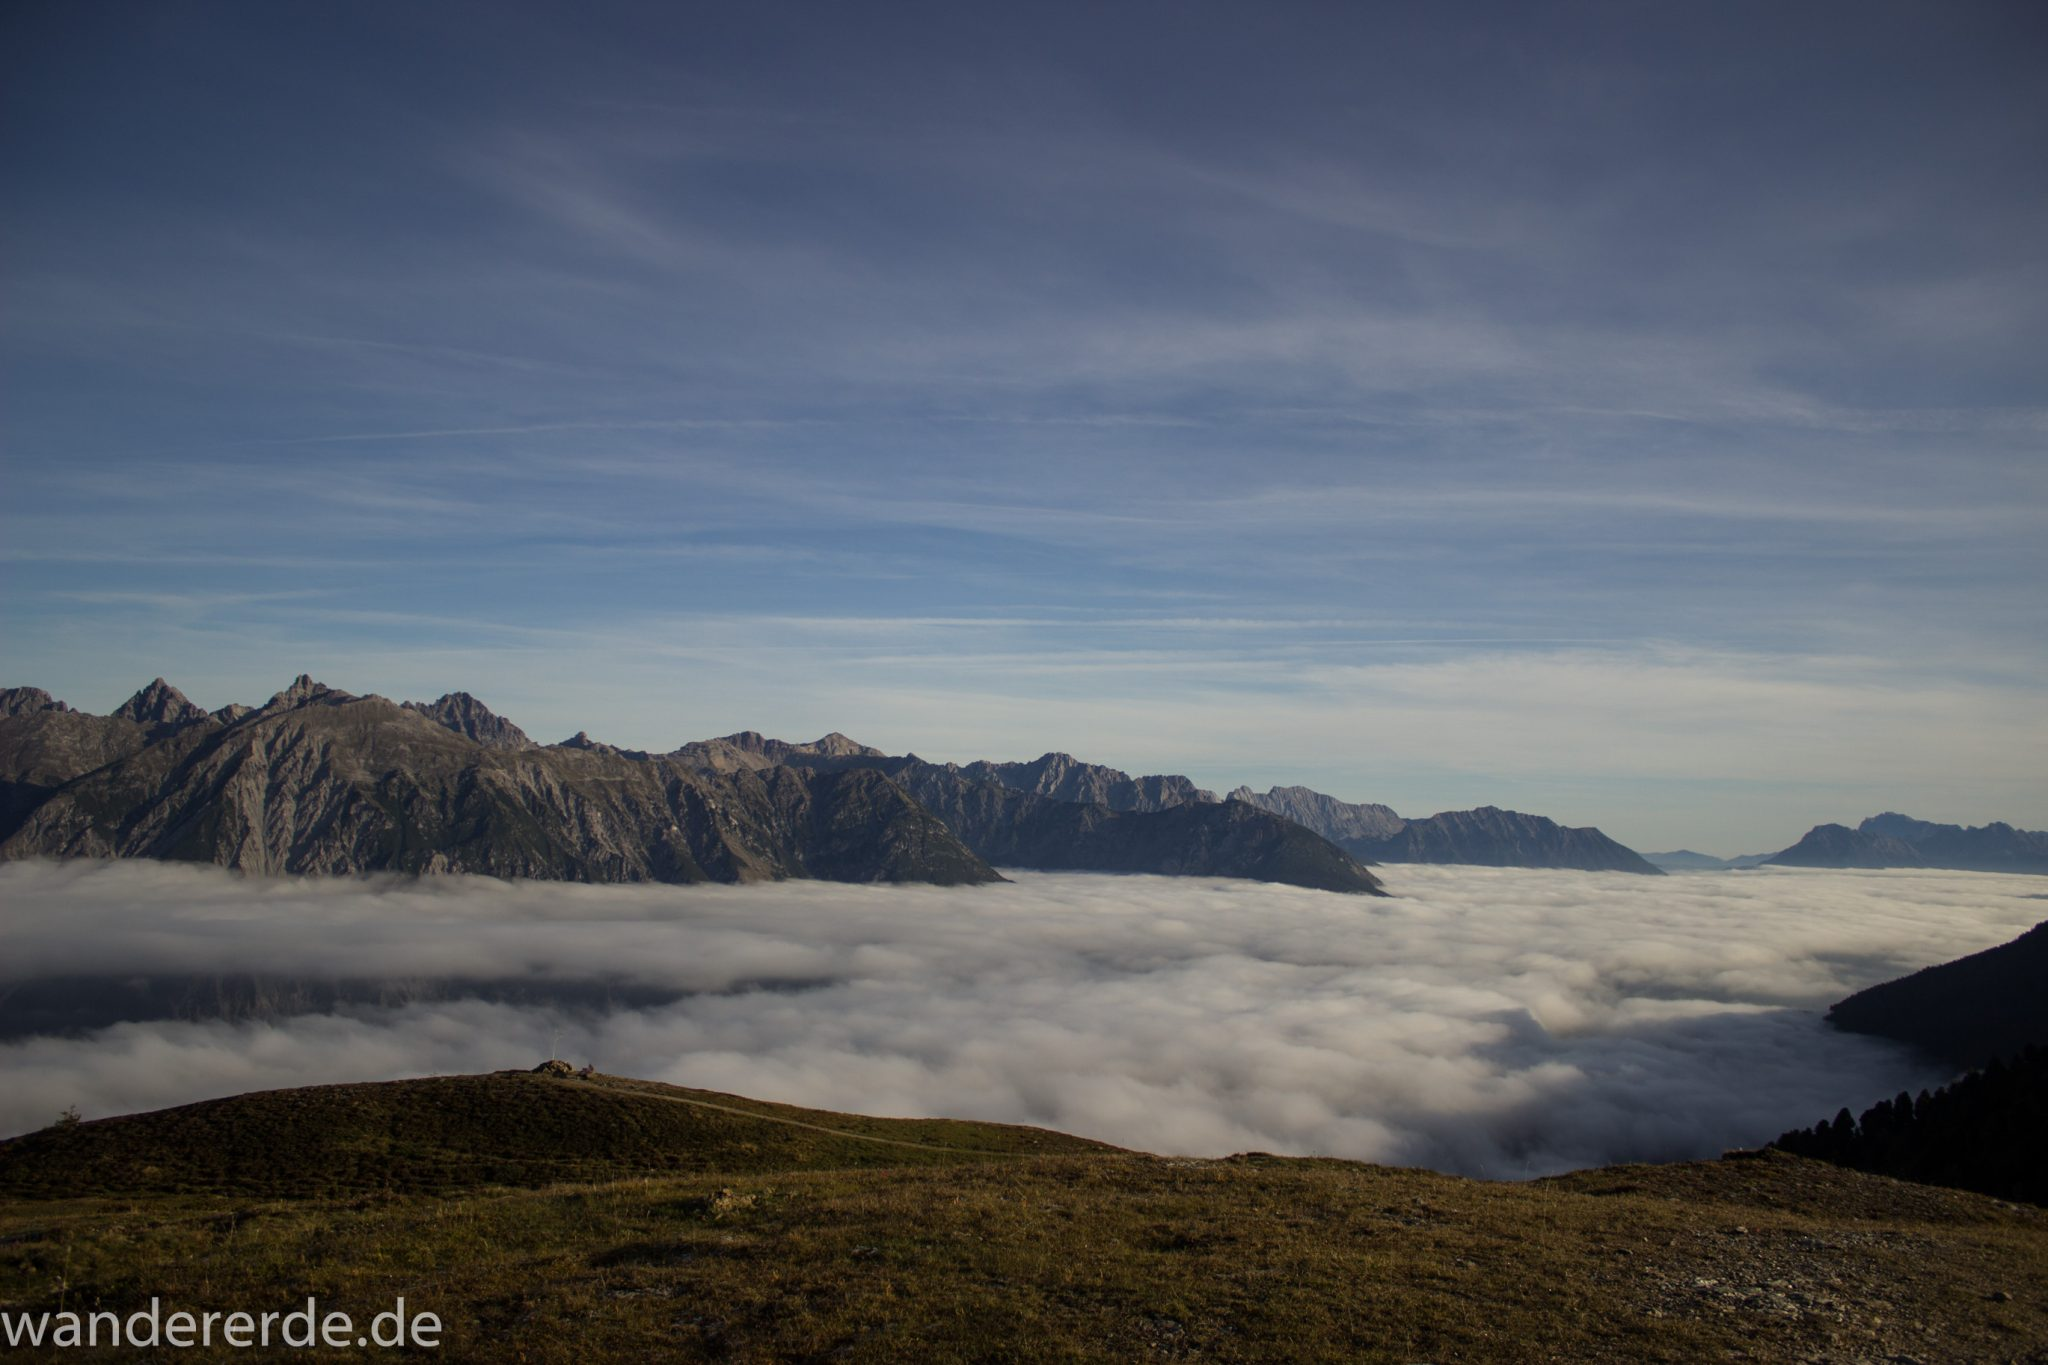 Alpenüberquerung Fernwanderweg E5 Oberstdorf Meran, 4. Etappe von Skihütte Zams zur Braunschweiger Hütte, Aussicht bei der Bergstation der Venet Bergbahn auf die Berge der Alpen, sind noch von Nebel umgeben, herrliches Wanderwetter bei strahlendem Sonnenschein